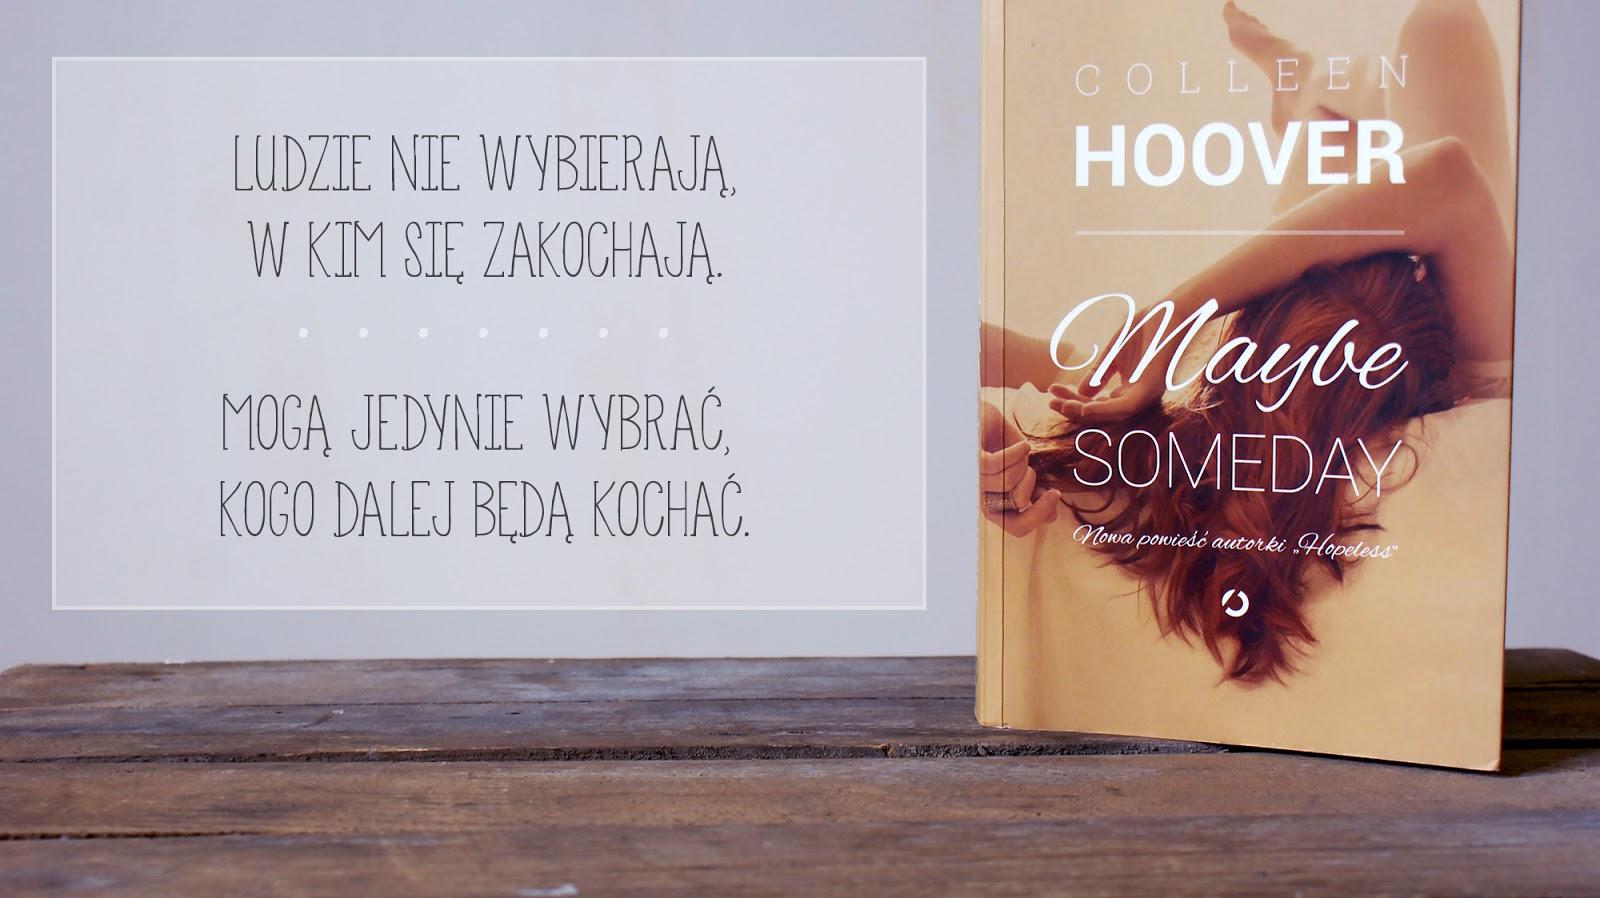 Maybe Someday, Colleen Hoover, romans, Sydney, Ridge, miłość, książka, drewniane tło, cytat, grafika